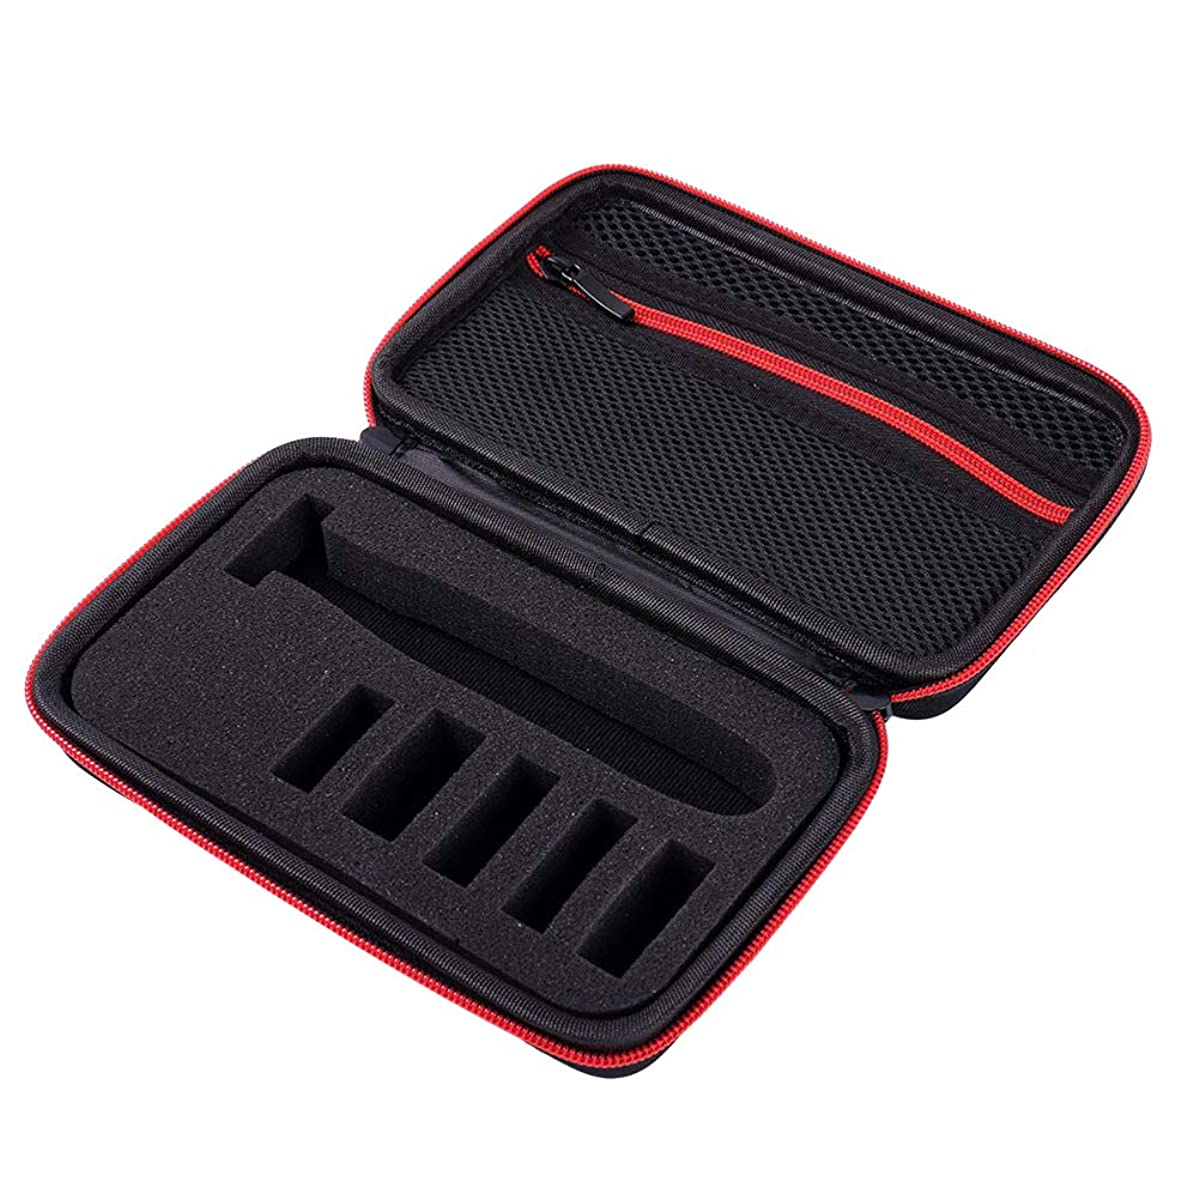 グローのホストまたはどちらかSUPVOX シェーバーケーストラベル電気シェーバー収納オーガナイザーキャリングバッグ(レッドジッパー、モデルQP2530 / 2520に適用可能)